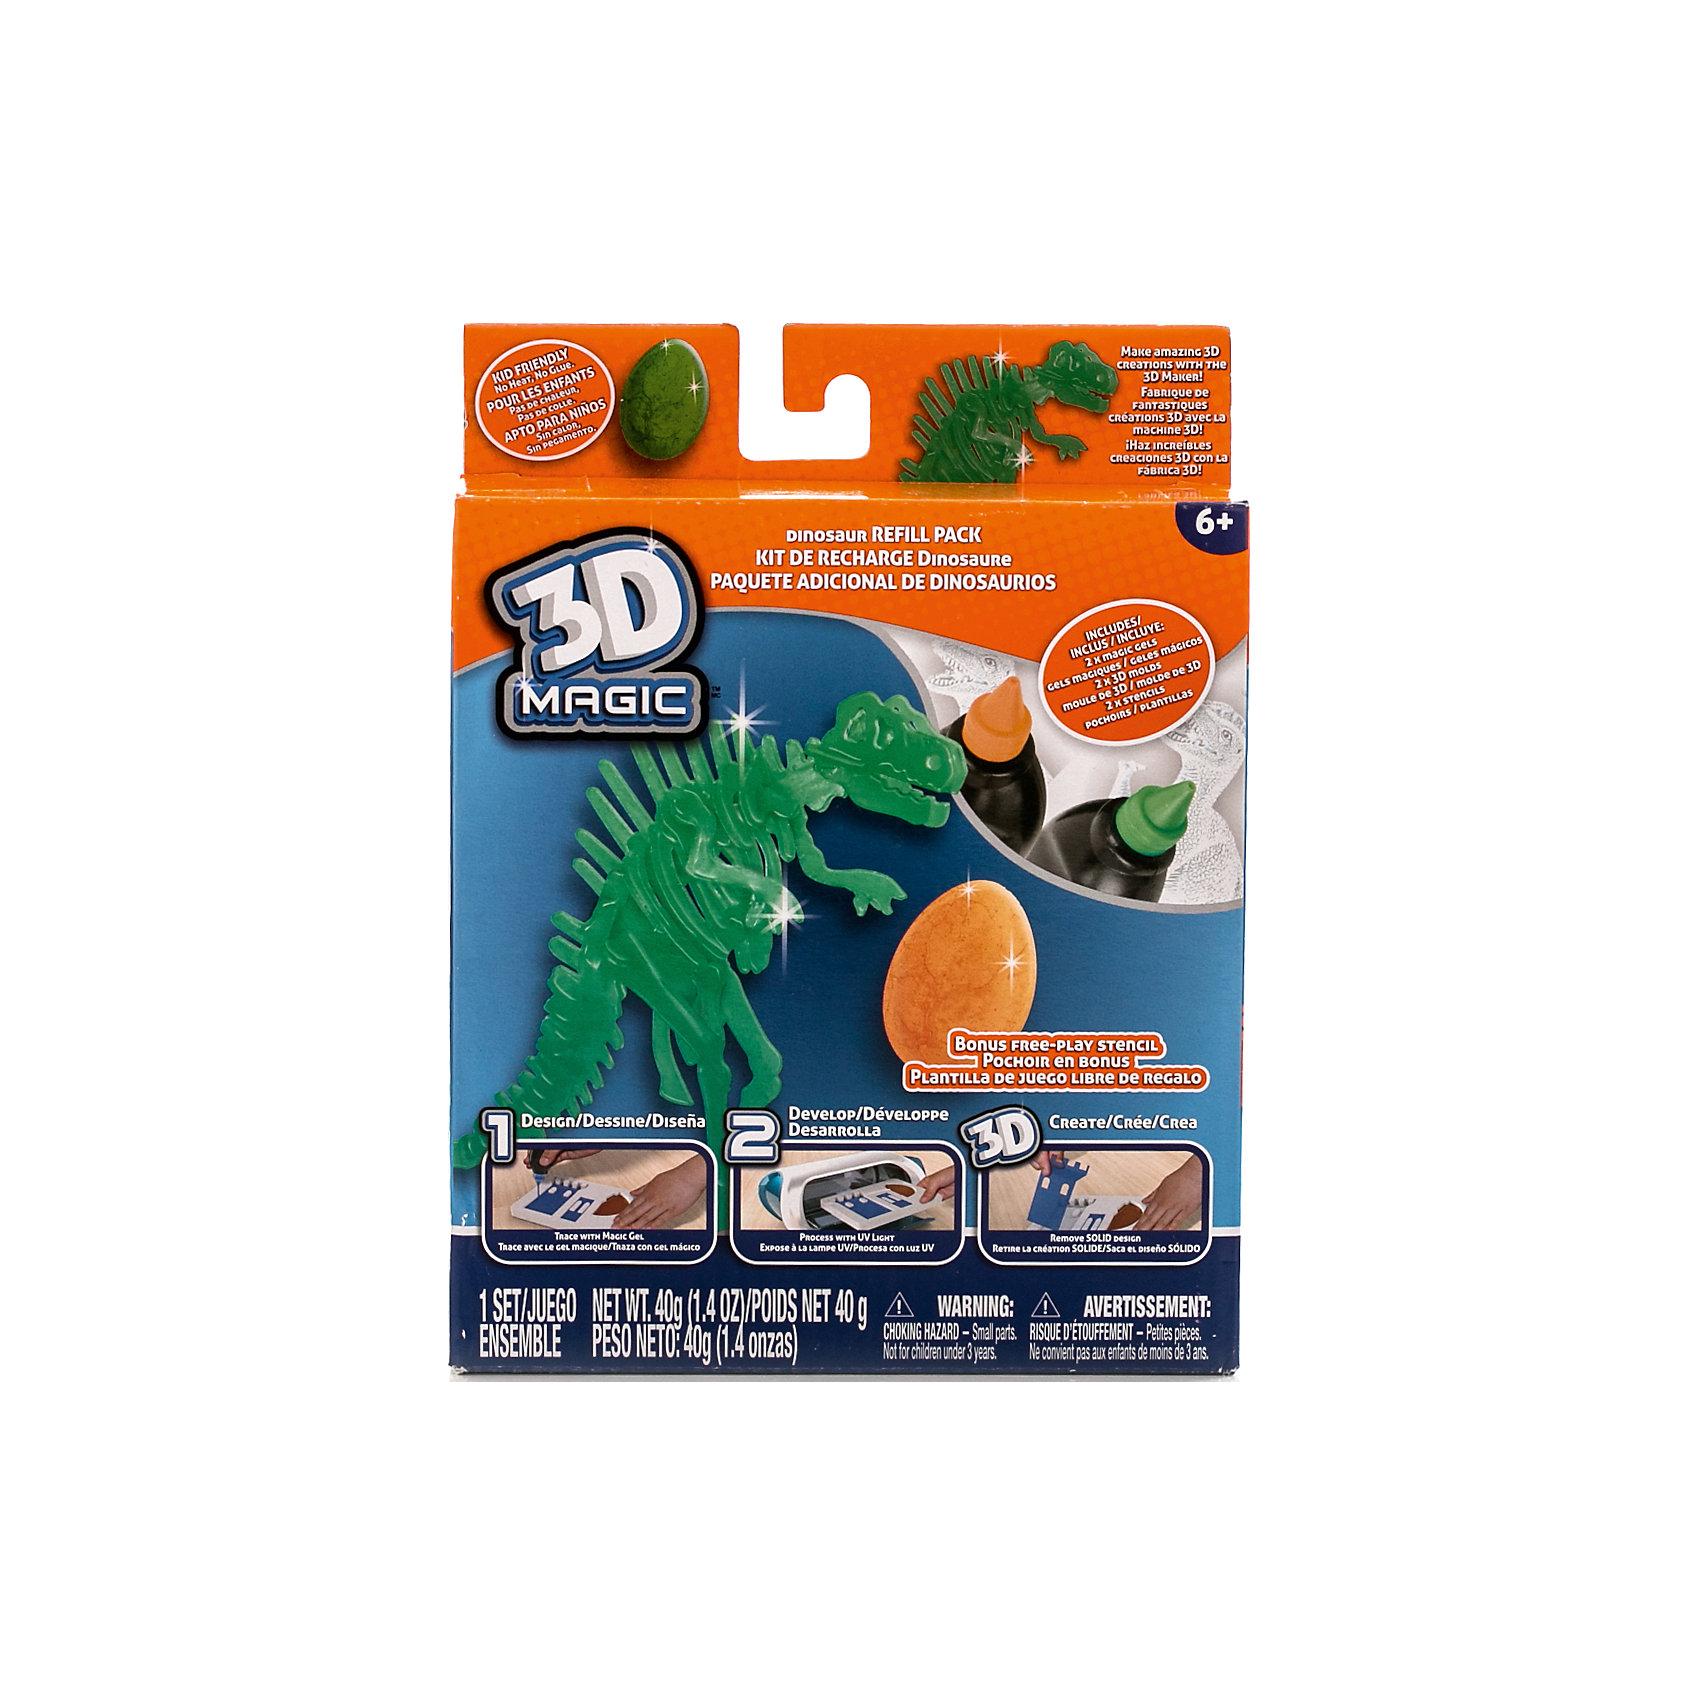 Тематический набор 3D Magic для создания объемных моделей Тиранозавр РексХарактеристики товара:<br><br>• материал: пластик<br>• вес: 200 г<br>• размер упаковки: 16х20х4 см<br>• комплектация: 2 тюбика со специальным 3D гелем, формочка динозавра, формочка яйца динозавра, трафарет скелета динозавра, дополнительный пустой трафарет для свободной игры (ультрафиолетовая лампа не входит в комплект)<br>• упаковка: коробка<br>• на русском языке<br><br>3D-моделирование - это современный и очень увлекательный вид творчества! С помощью него можно создать множество различных фигурок. Этот набор - качественный и удобный, который поможет ребенку выразить свои творческие способности. Объемная фигурка получается из безопасного материала, очень красиво смотрится. В наборе есть специальные трафареты.<br>Изделие произведено из качественных и безопасных для ребенка материалов. Работа с таким набором помогает развить мышление ребенка, аккуратность, внимательность, мелкую моторику и воображение. Полезный подарок для тех, у кого уже есть специальная 3Д-лампа!<br><br>Тематический набор 3D Magic для создания объемных моделей Тиранозавр Рекс можно купить в нашем интернет-магазине.<br><br>Ширина мм: 160<br>Глубина мм: 200<br>Высота мм: 40<br>Вес г: 216<br>Возраст от месяцев: 72<br>Возраст до месяцев: 120<br>Пол: Мужской<br>Возраст: Детский<br>SKU: 5230674